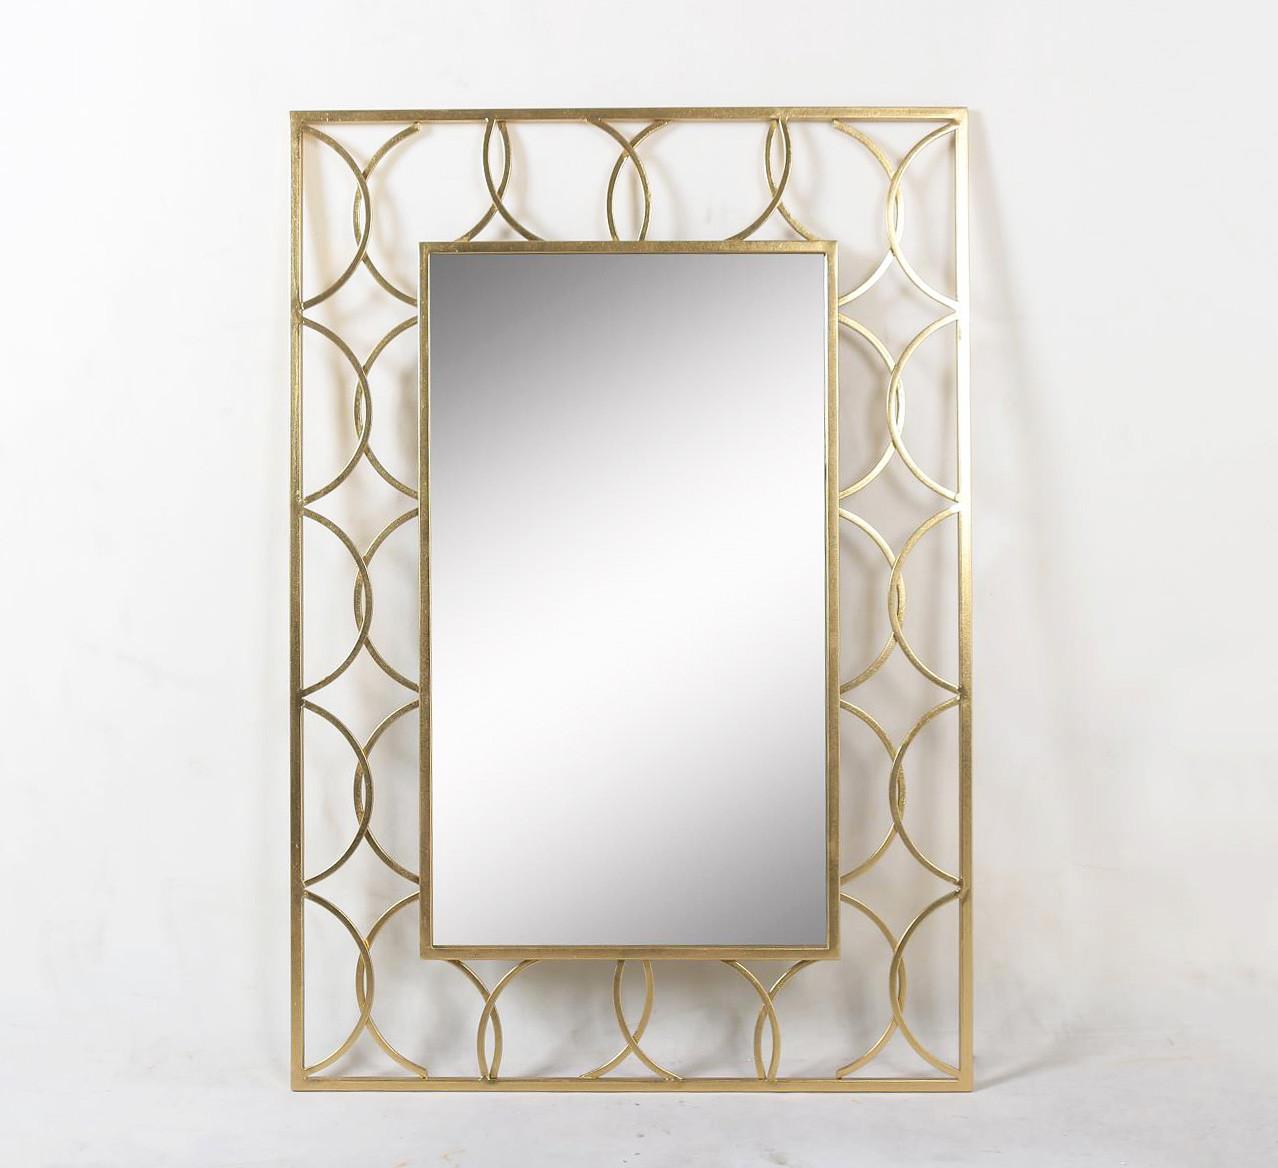 Настенное зеркало Арт деко золотой металл Гранд Презент 25013